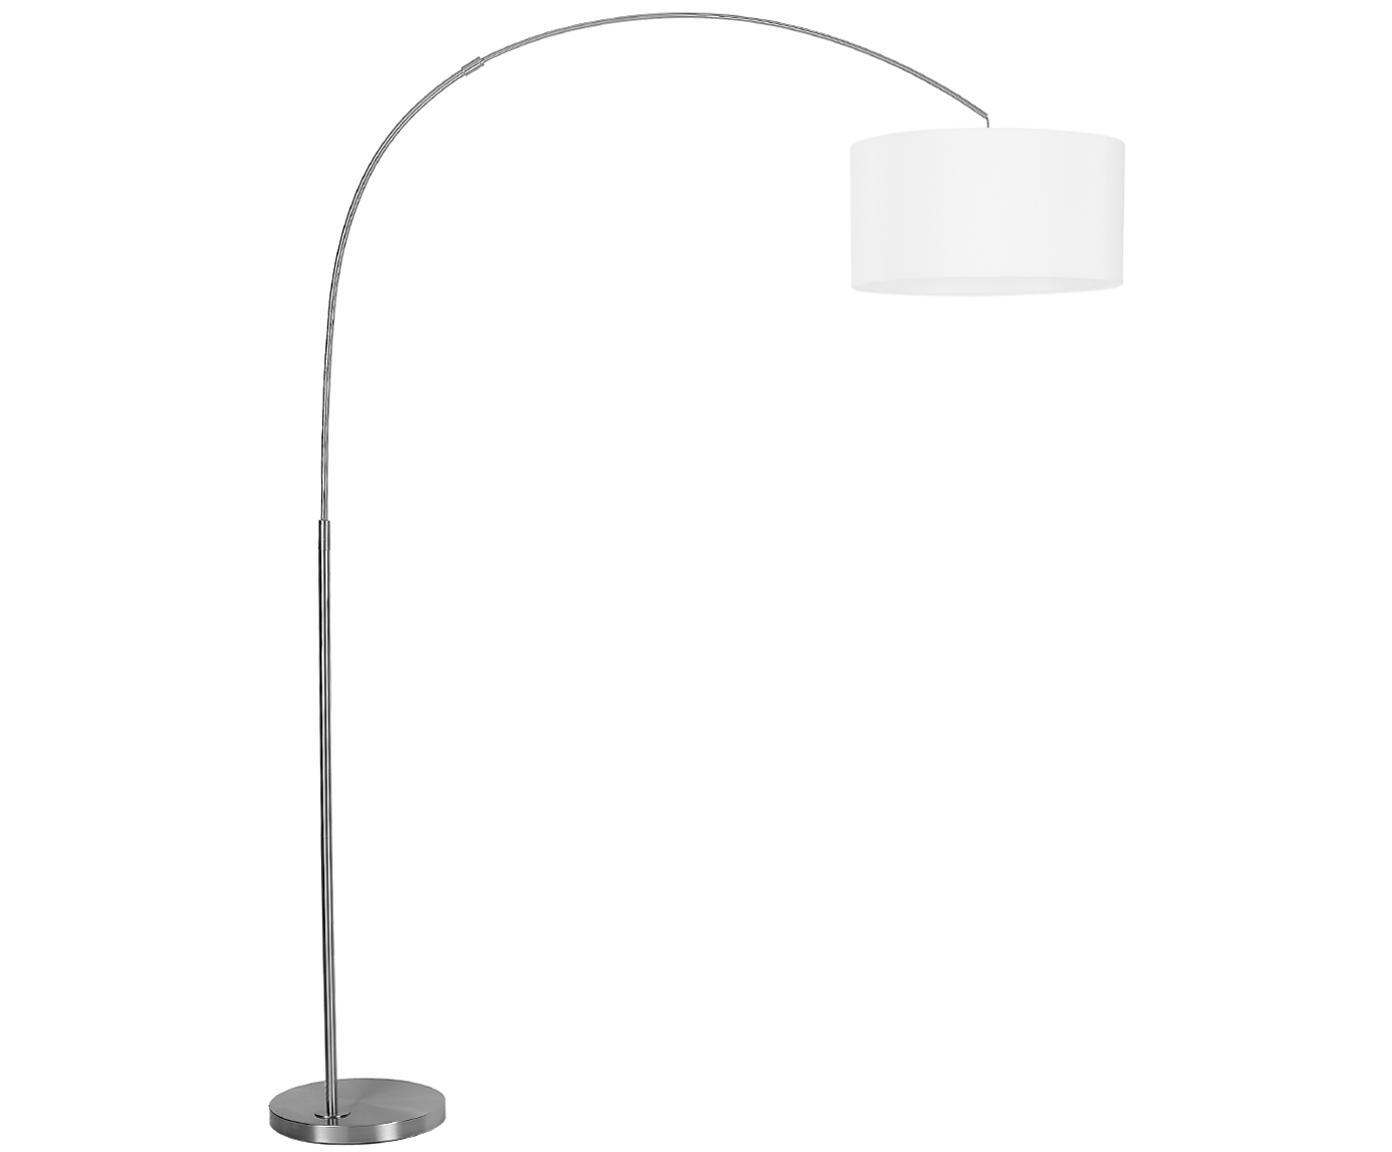 Bogenlampe Niels, Lampenfuß: Metall, gebürstet, Lampenschirm: Baumwollgemisch, Lampenschirm: WeißLampenfuß: ChromKabel: Transparent, 157 x 218 cm